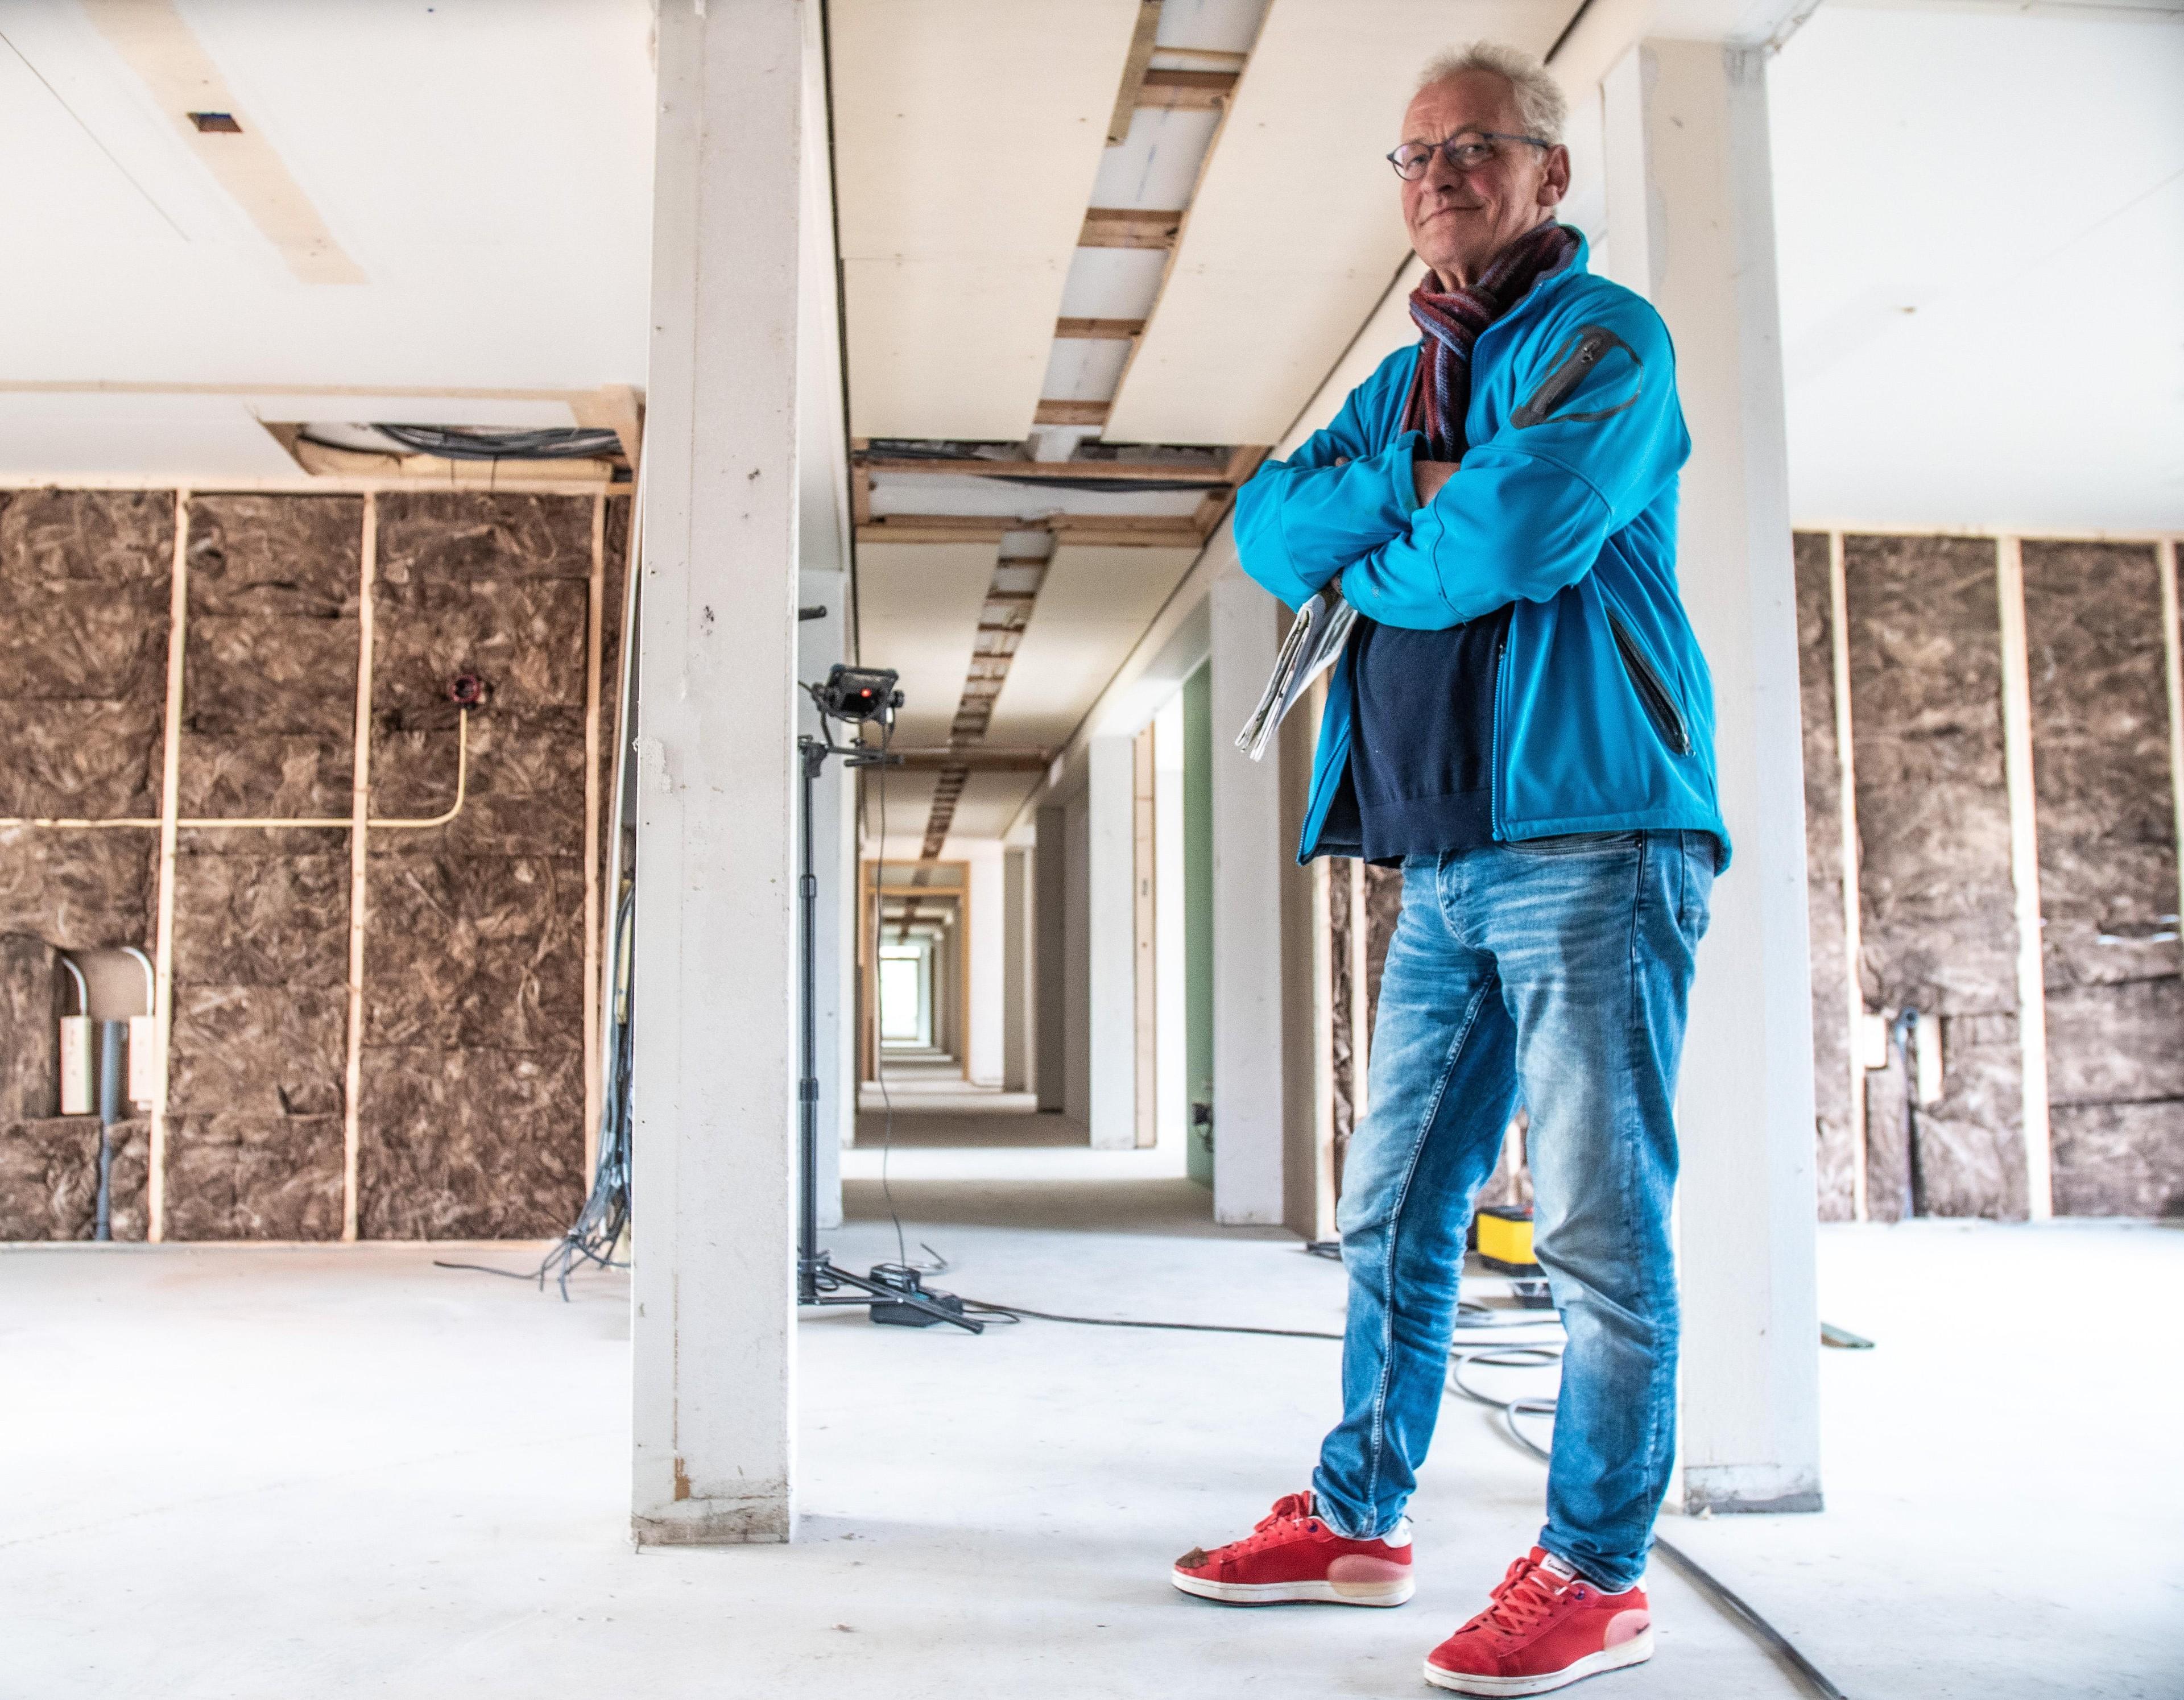 Elke bewoner van het Plazierhuis in Schagerbrug heeft zijn eigen douche en toilet. En eventueel kunnen ze in h - Noordhollands Dagblad